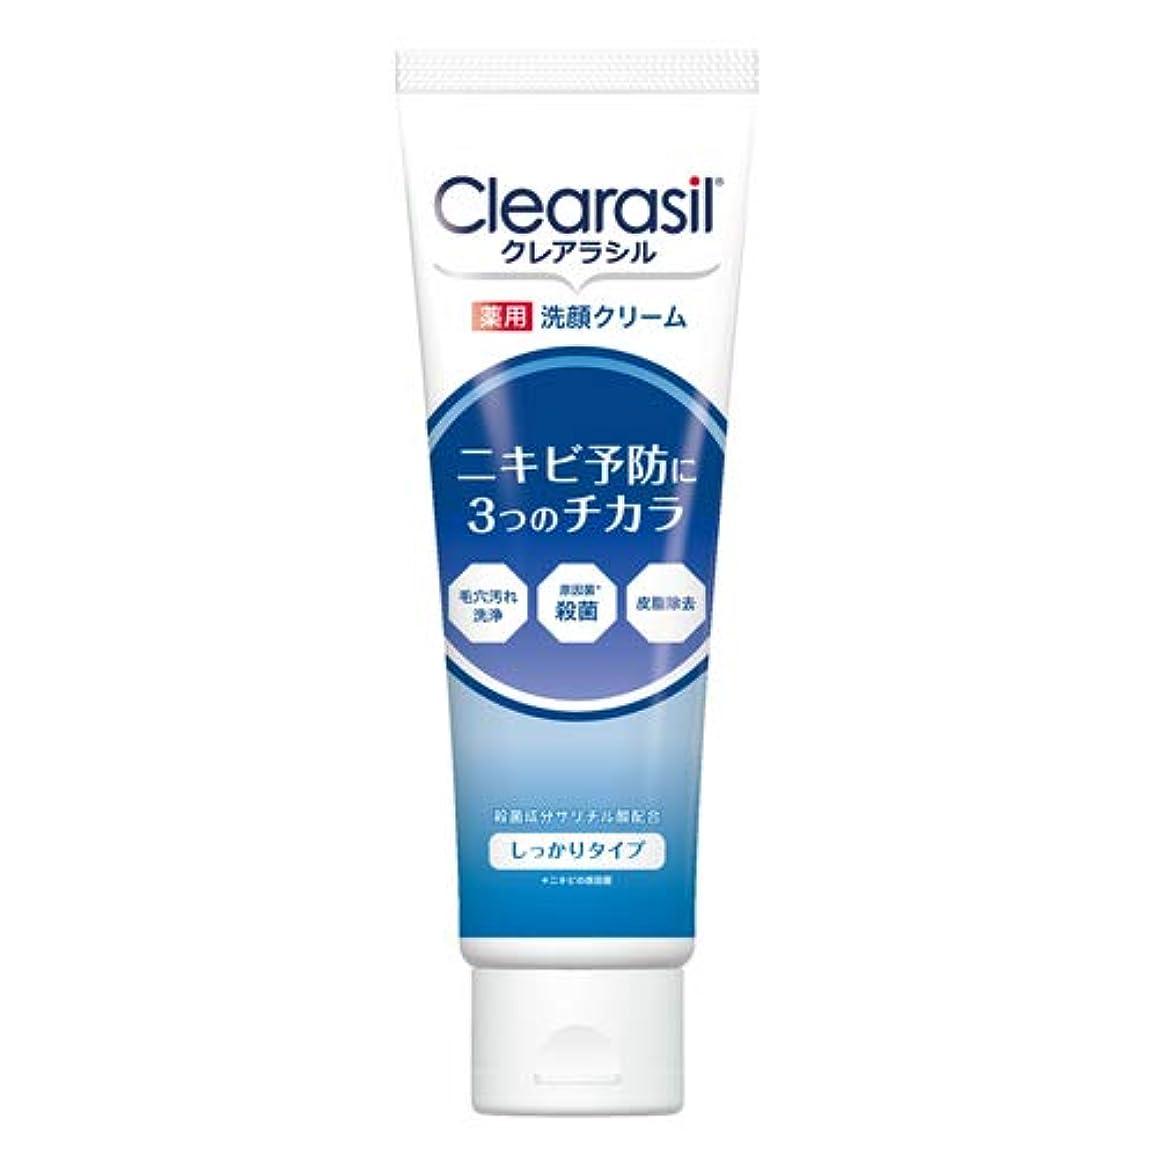 コーラスオペレーター注意クレアラシル 薬用洗顔フォーム 10x 120g × 3個セット